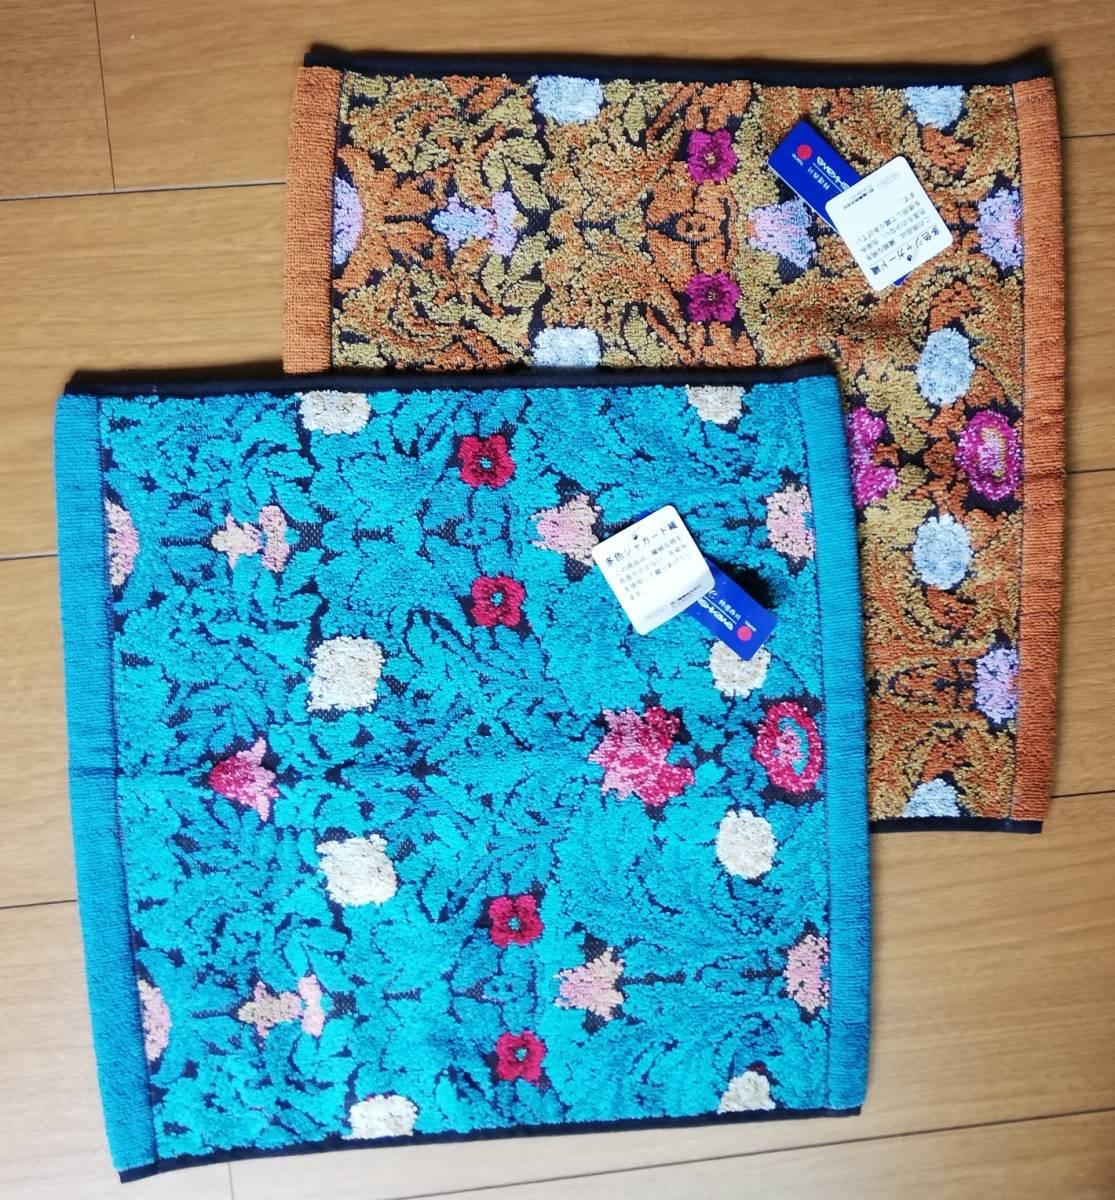 ジャガード織 ウォッシュタオル 色違い2種類のセット 西川産業 日本製 綿100% プリミエール 未使用